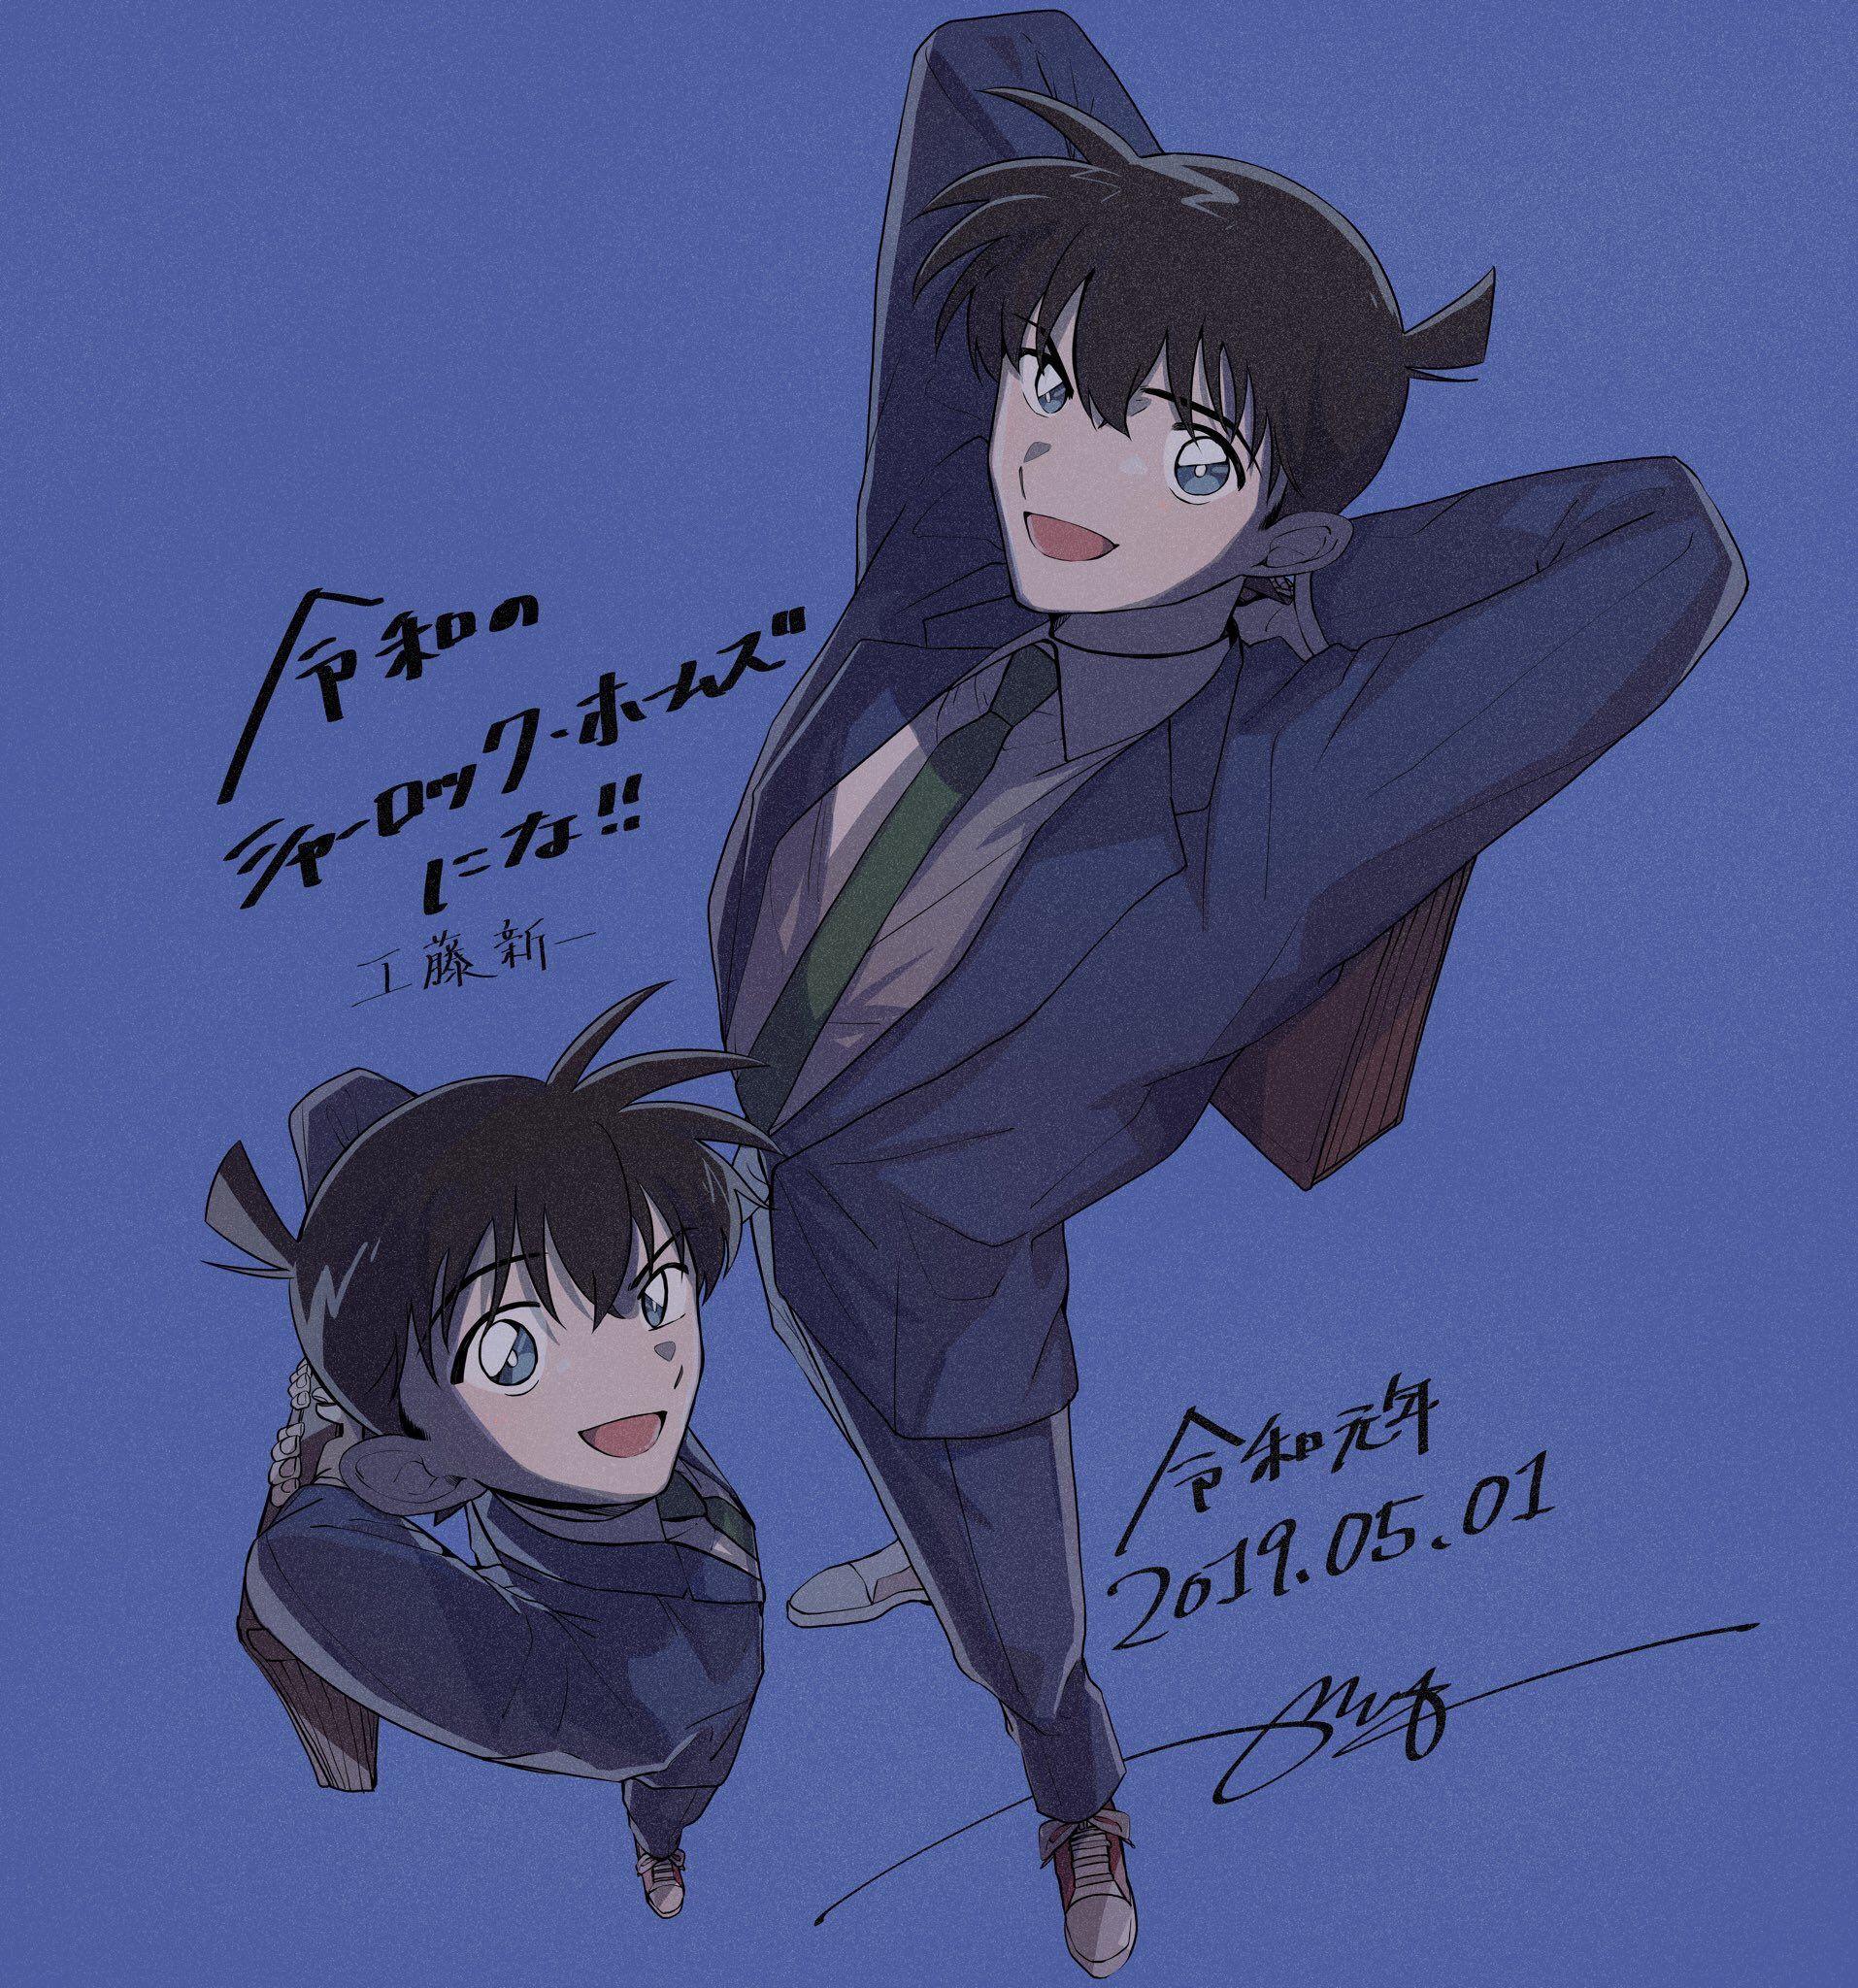 Pin by Joud on Detective Conan Detective conan